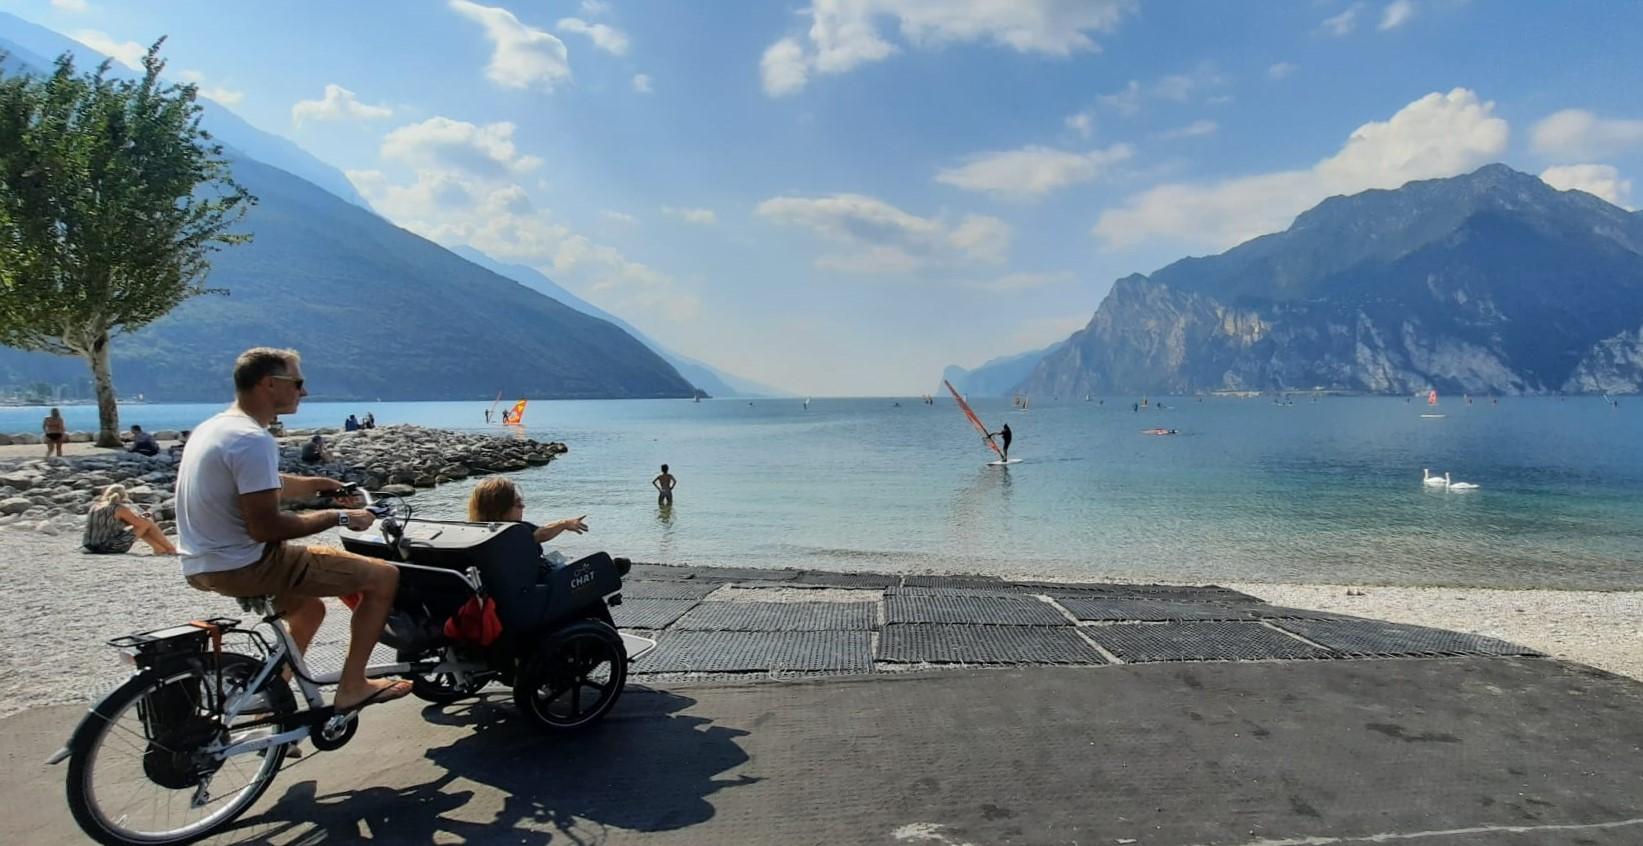 Nanabianca sulla bici speciale di Remoove a Torbole in riva al lago